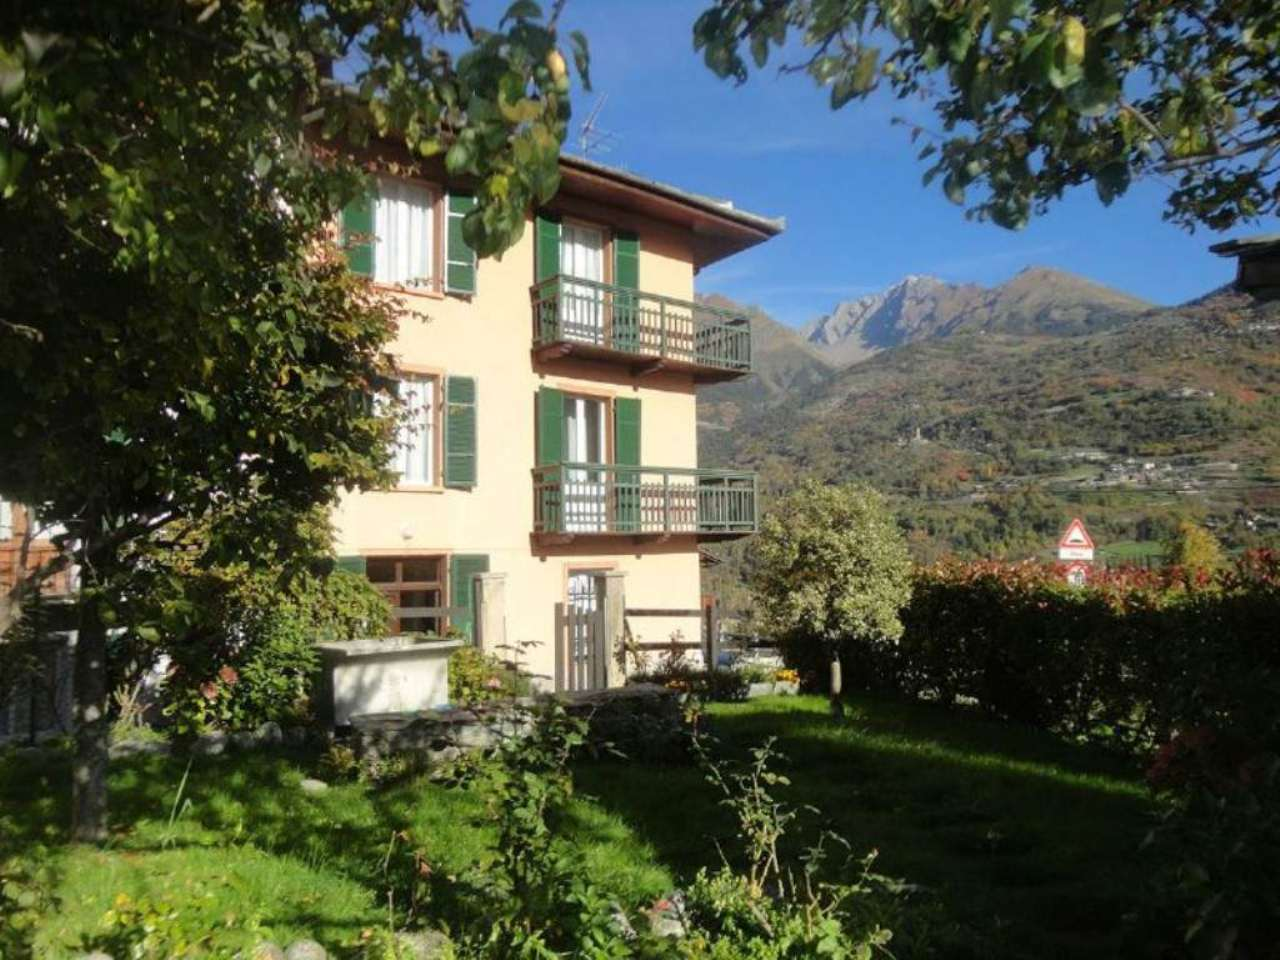 Soluzione Indipendente in vendita a La Salle, 12 locali, prezzo € 370.000 | Cambio Casa.it